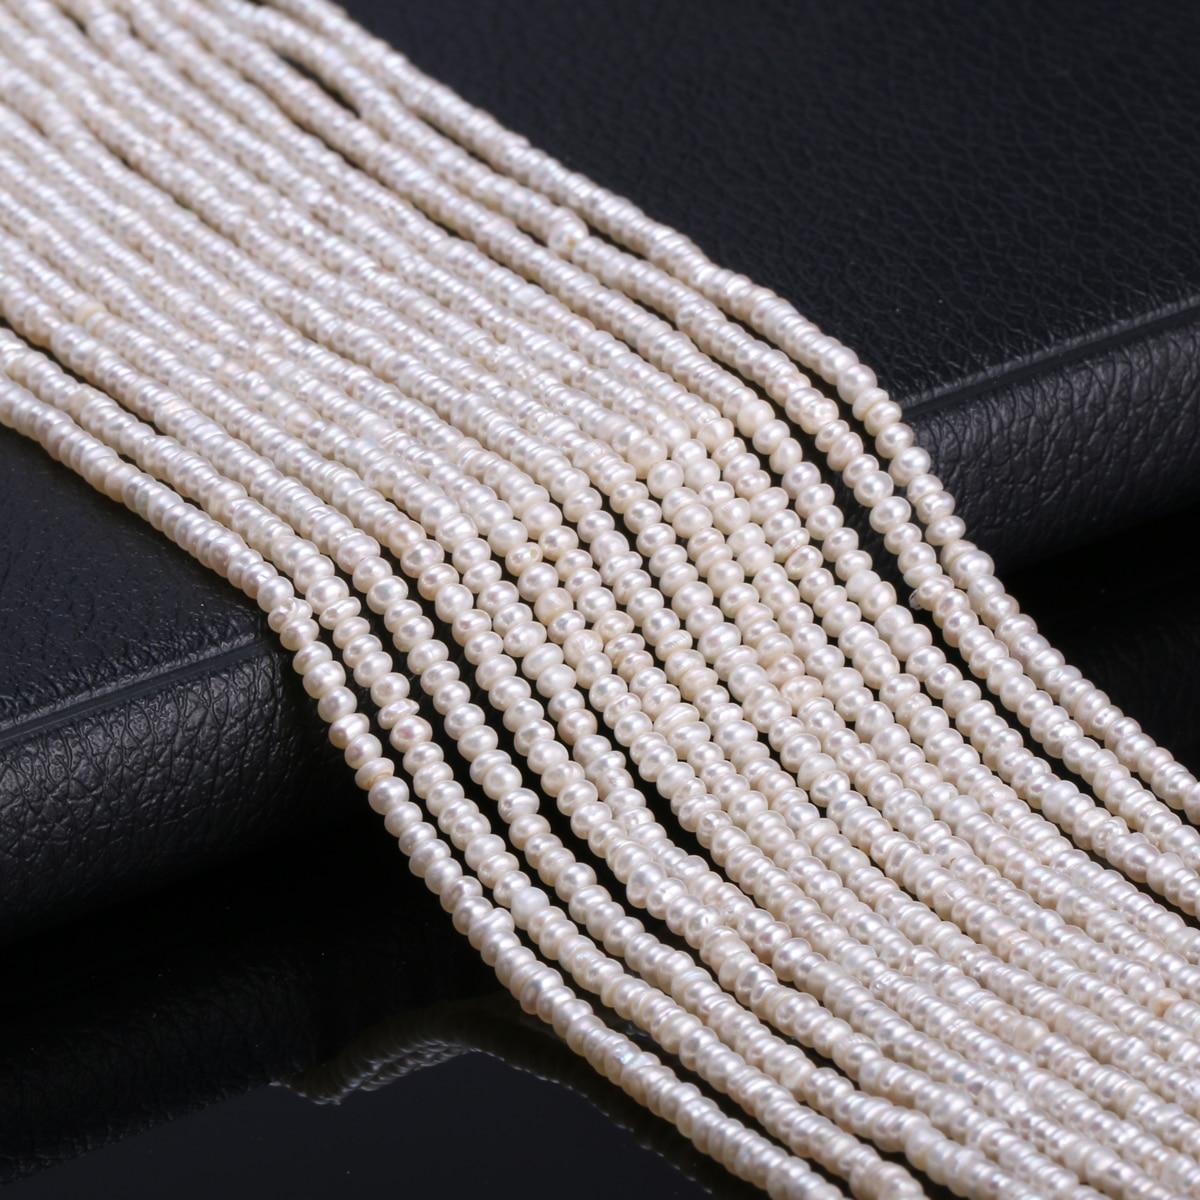 Perles de culture d'eau douce naturelles perles rondes 100% perles naturelles pour fabrication de bijoux collier Bracelet 13 pouces taille 2.5-3mm